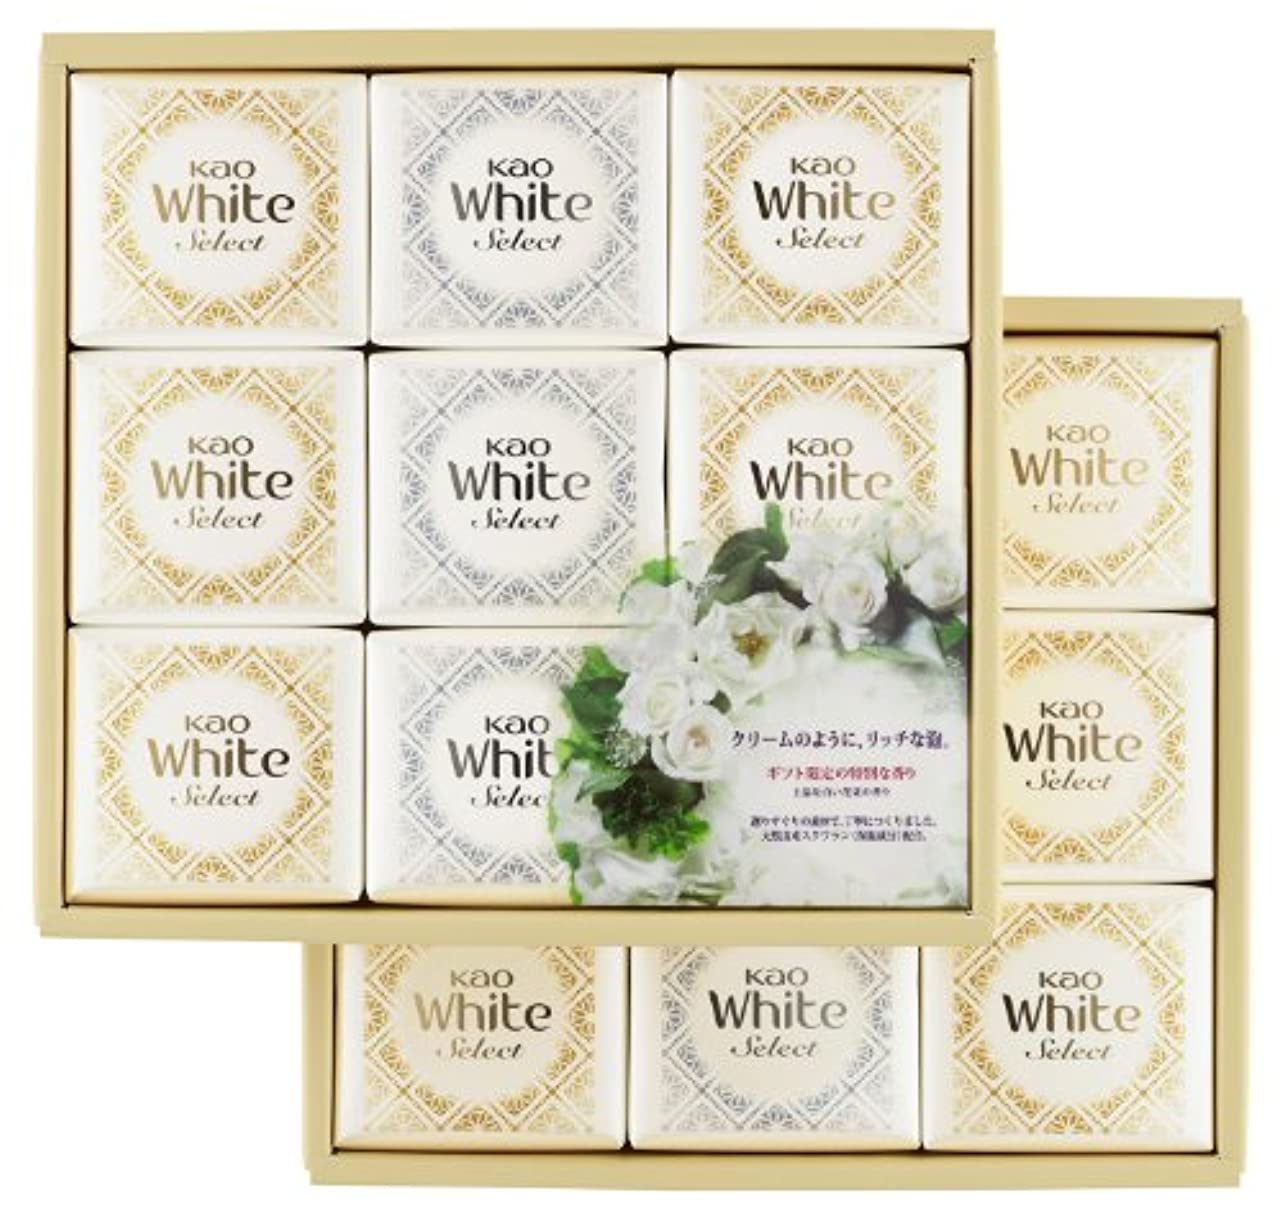 望遠鏡薄暗いガイドライン花王ホワイト セレクト 上品な白い花束の香り 85g 18コ K?WS-30